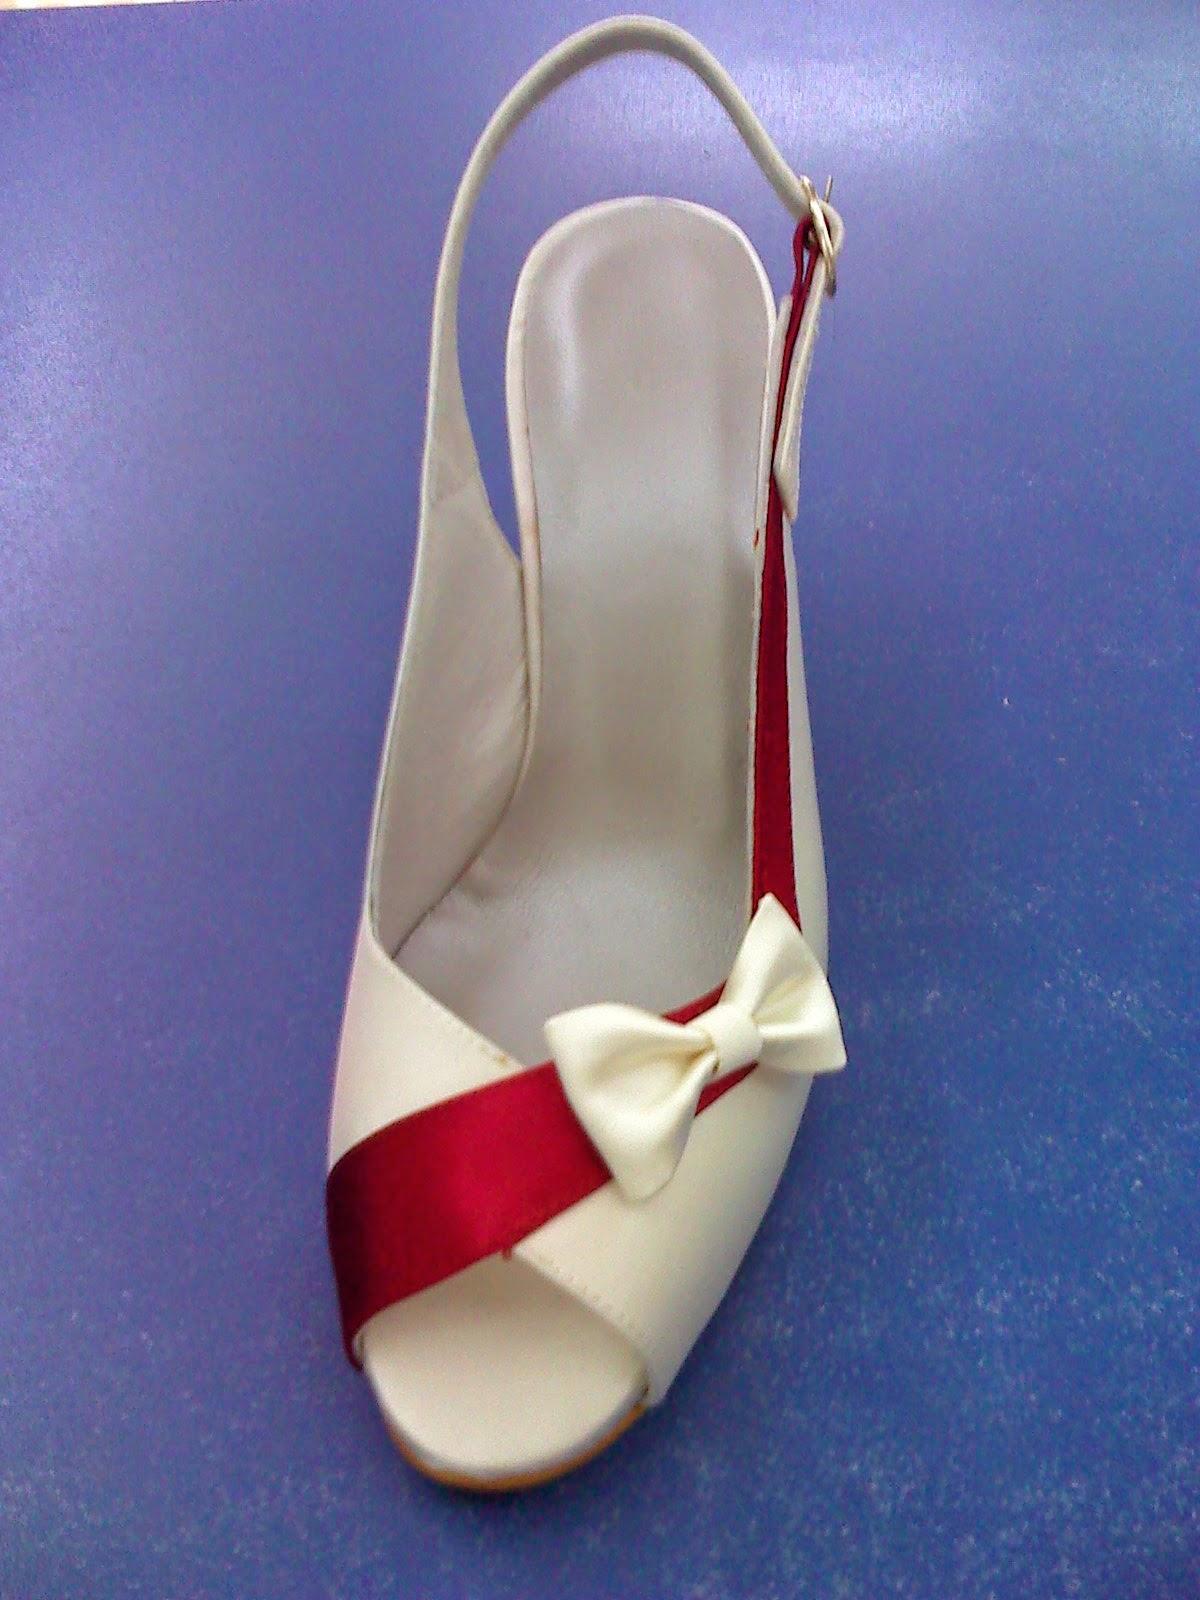 Dorable Zapatos De Vestir Para La Boda Friso - Vestido de Novia Para ...